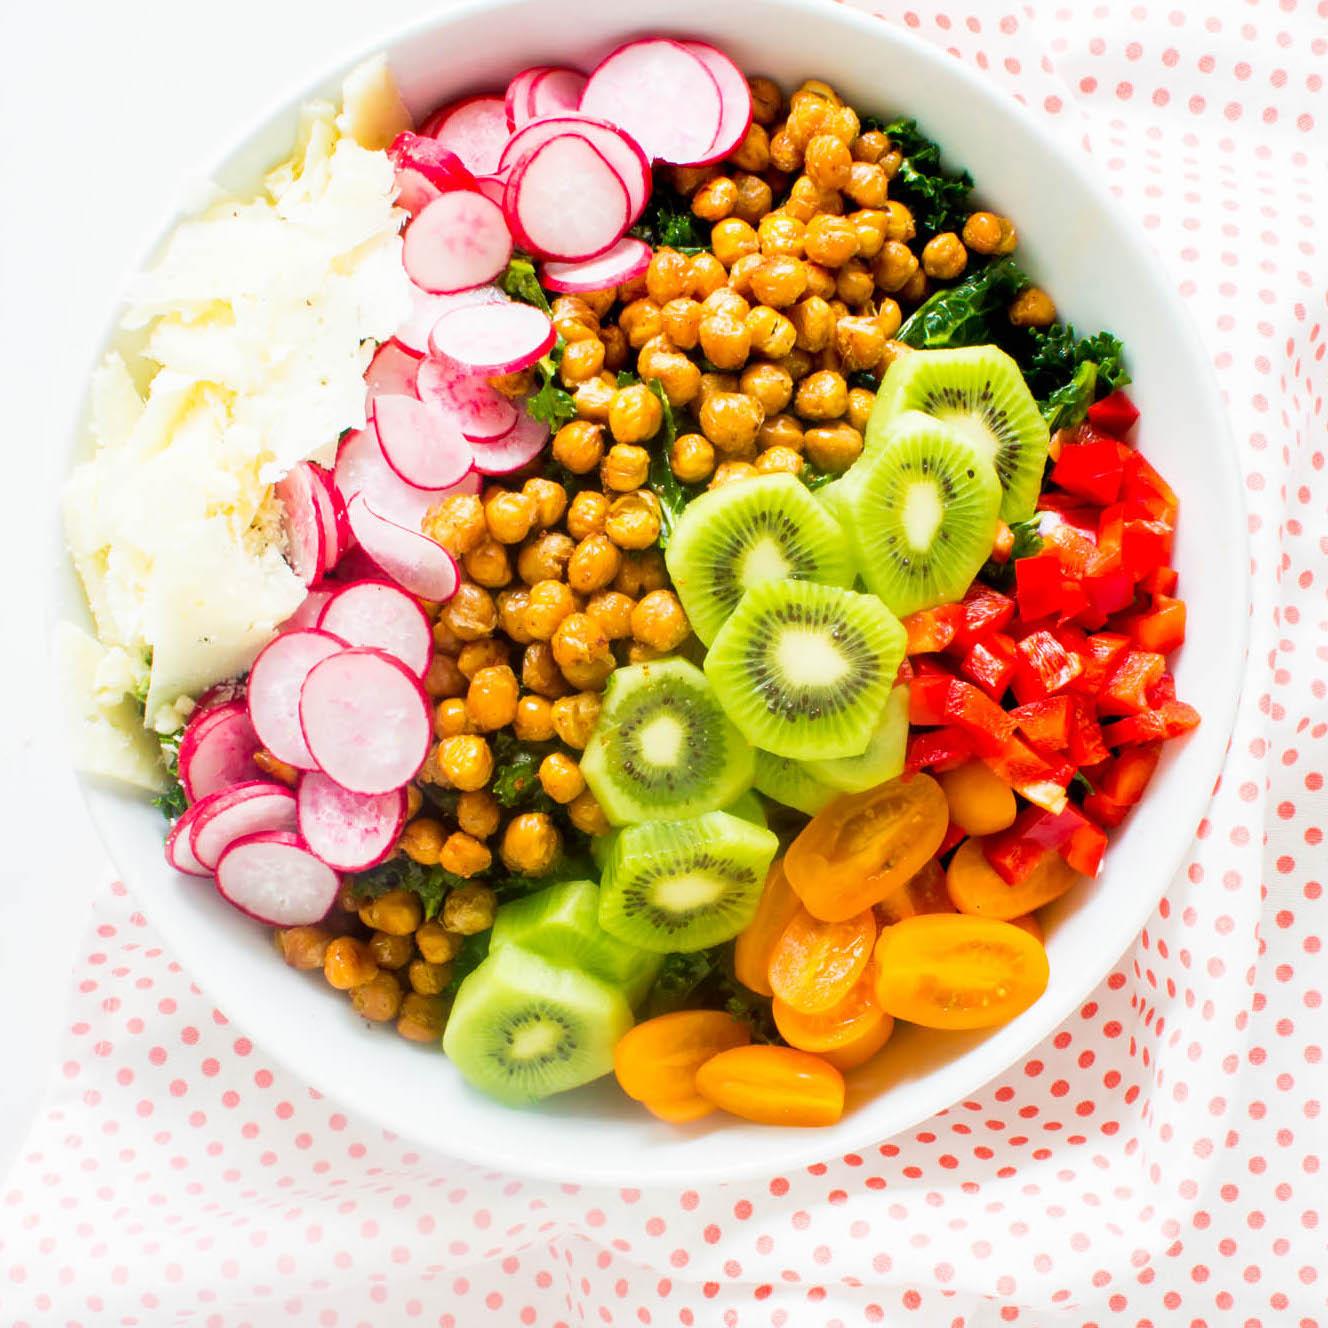 bai kale salad